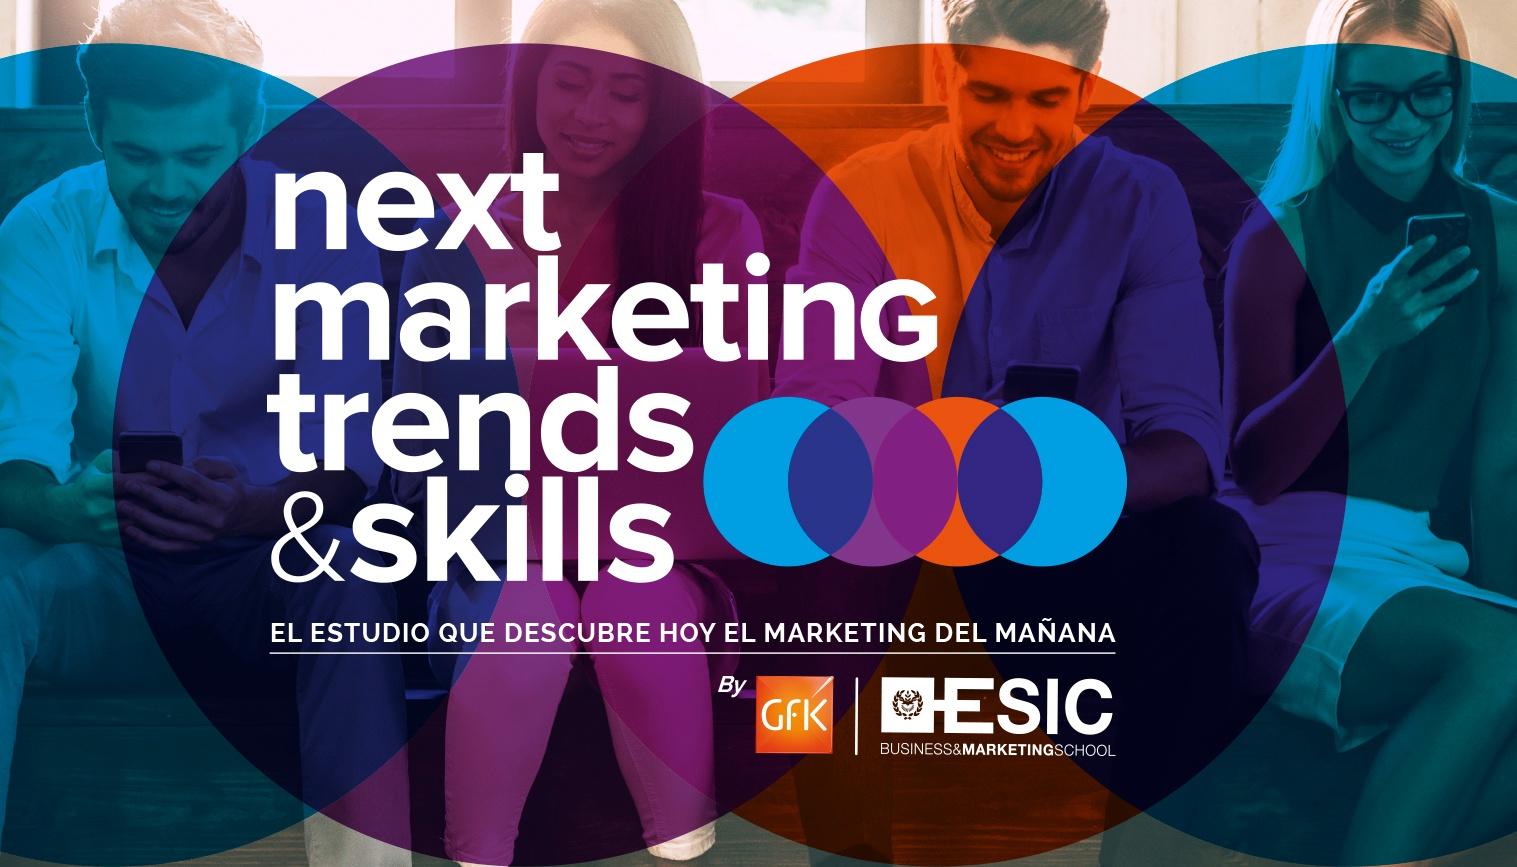 El estudio que descubre hoy el Marketing del mañana